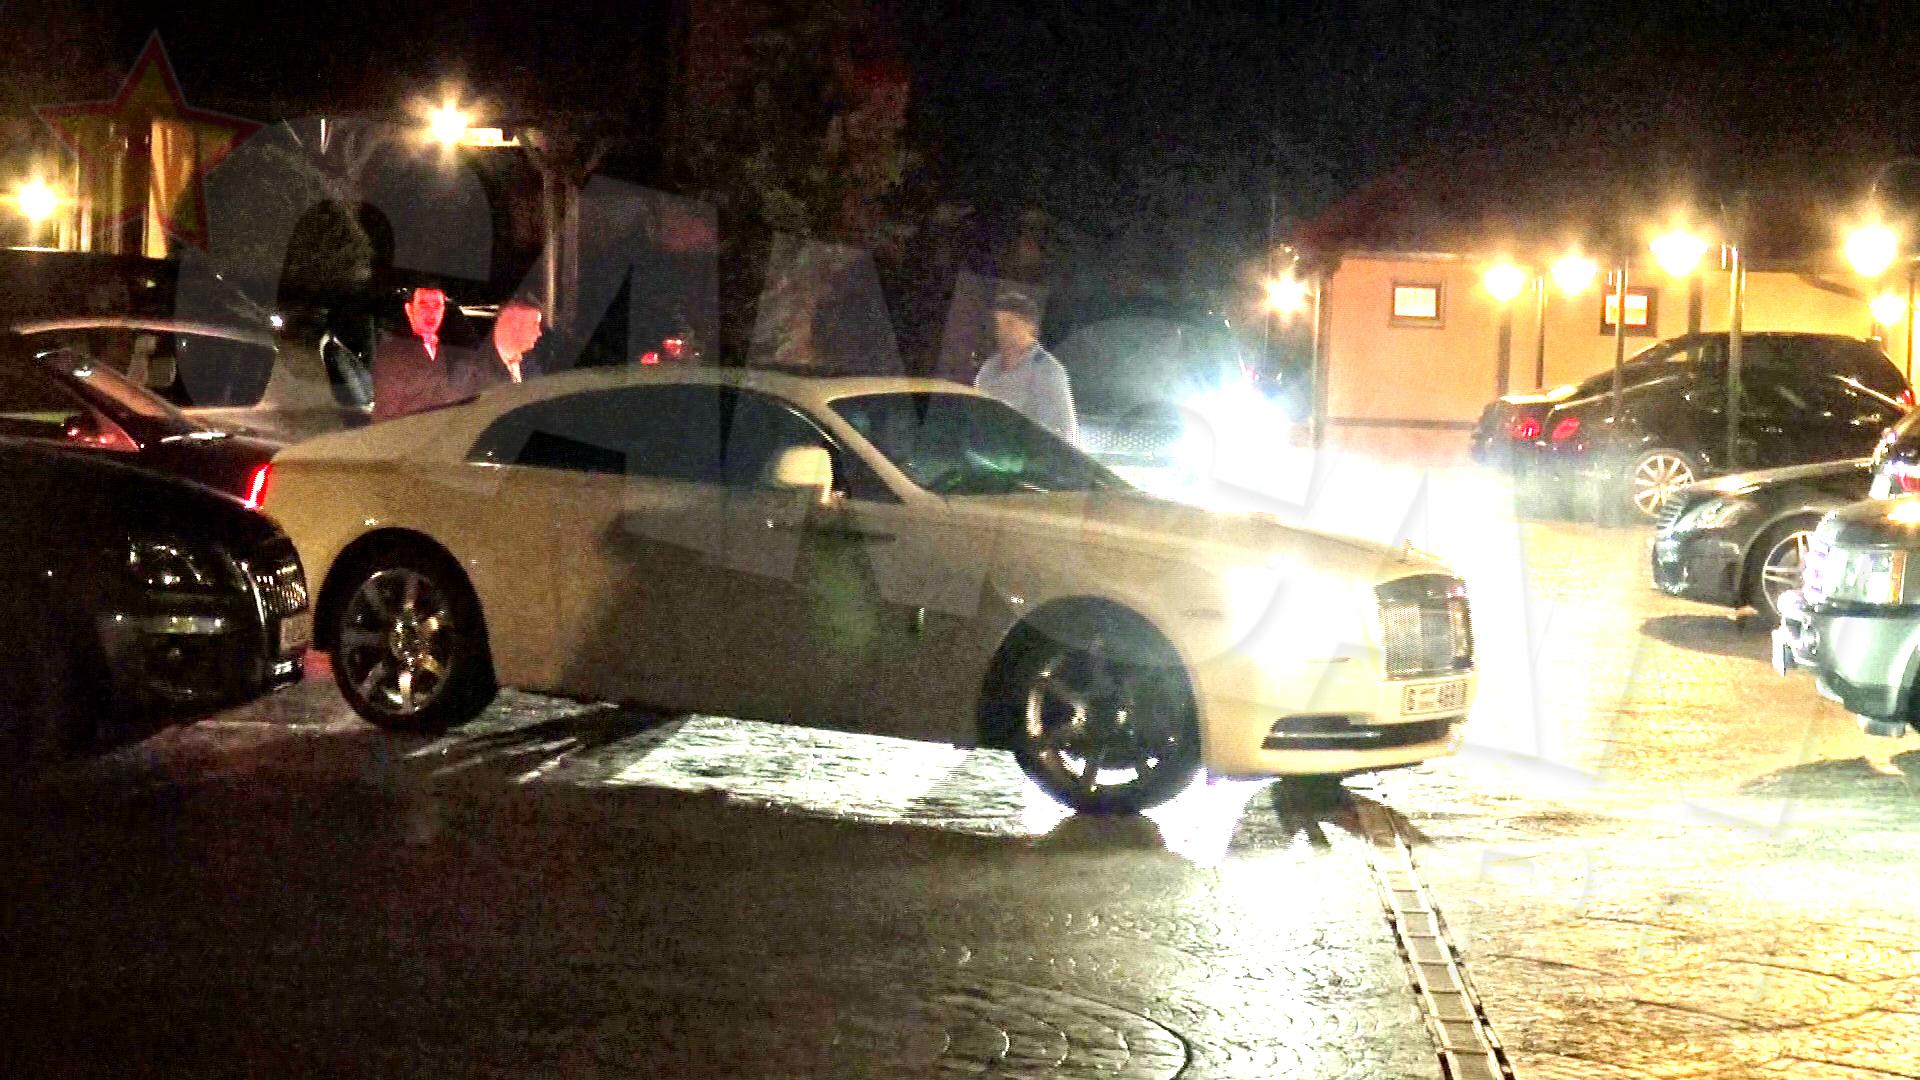 Sarbatoritul a venit la restaurantul unde a avut loc petrecerea la volanul unui Rolls-Royce cu numere de Dubai